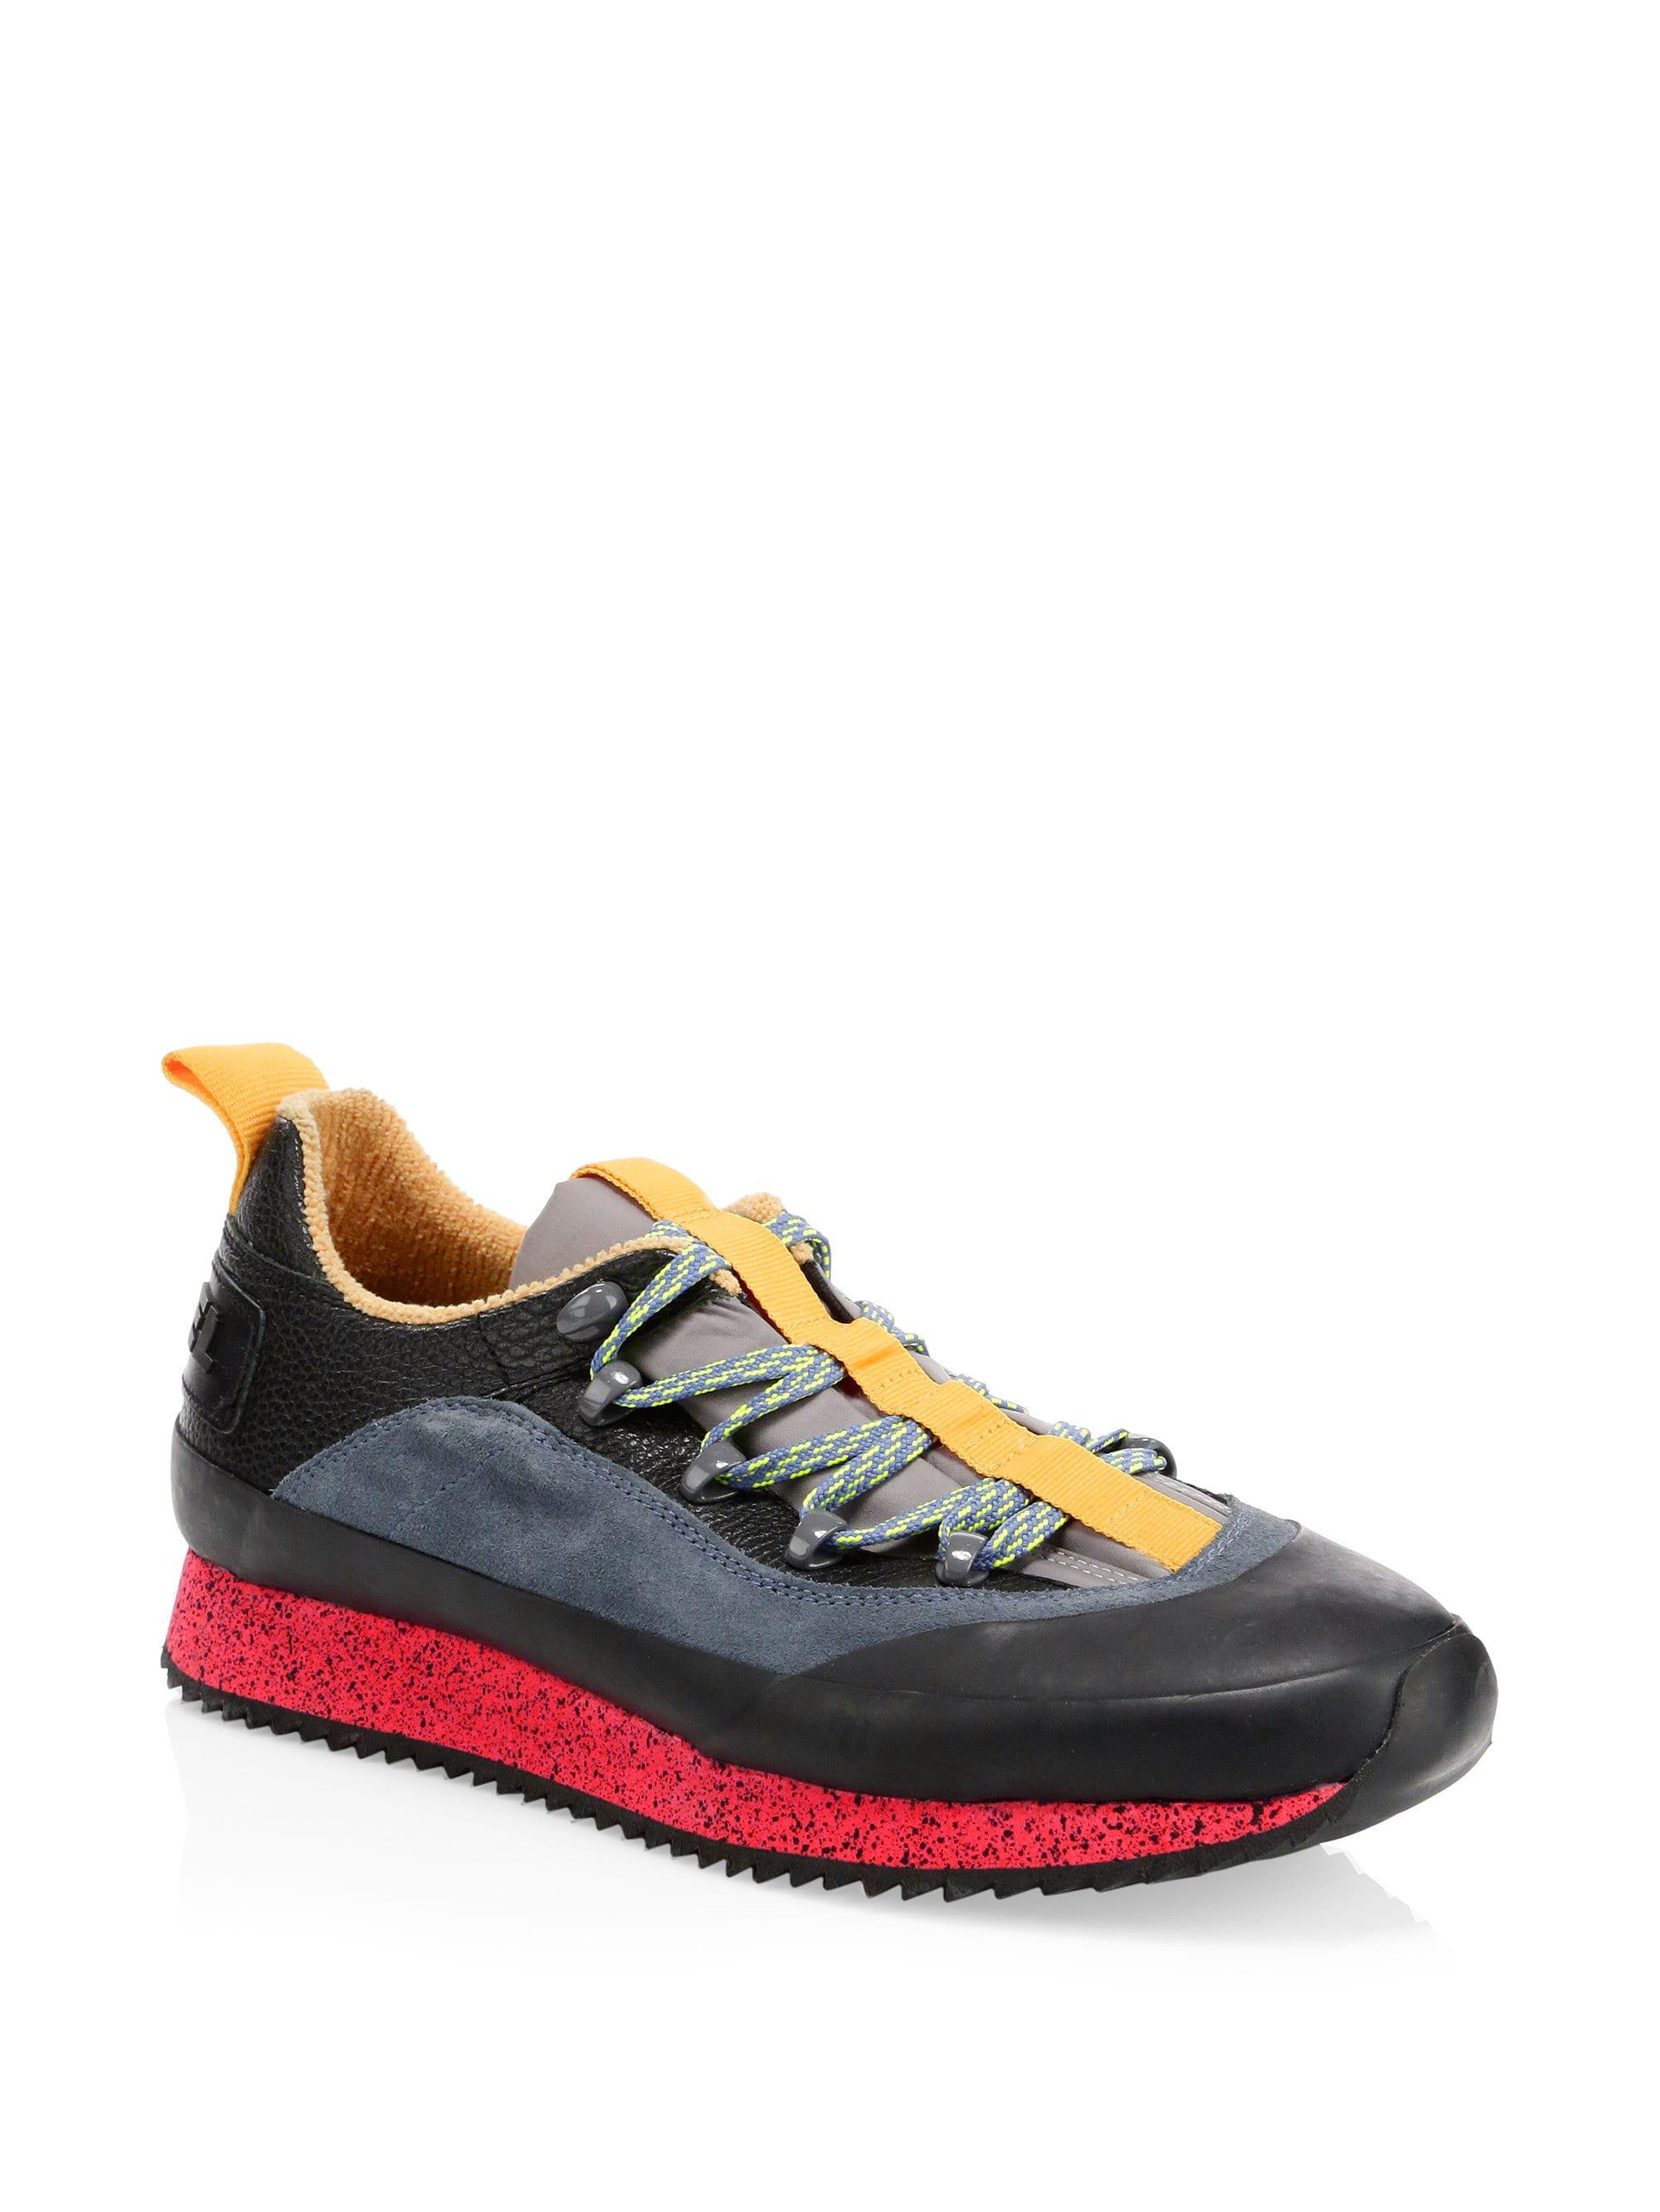 c798ba2c241 DIESEL H-tribute Hike Lc Sneaker in Black for Men - Lyst